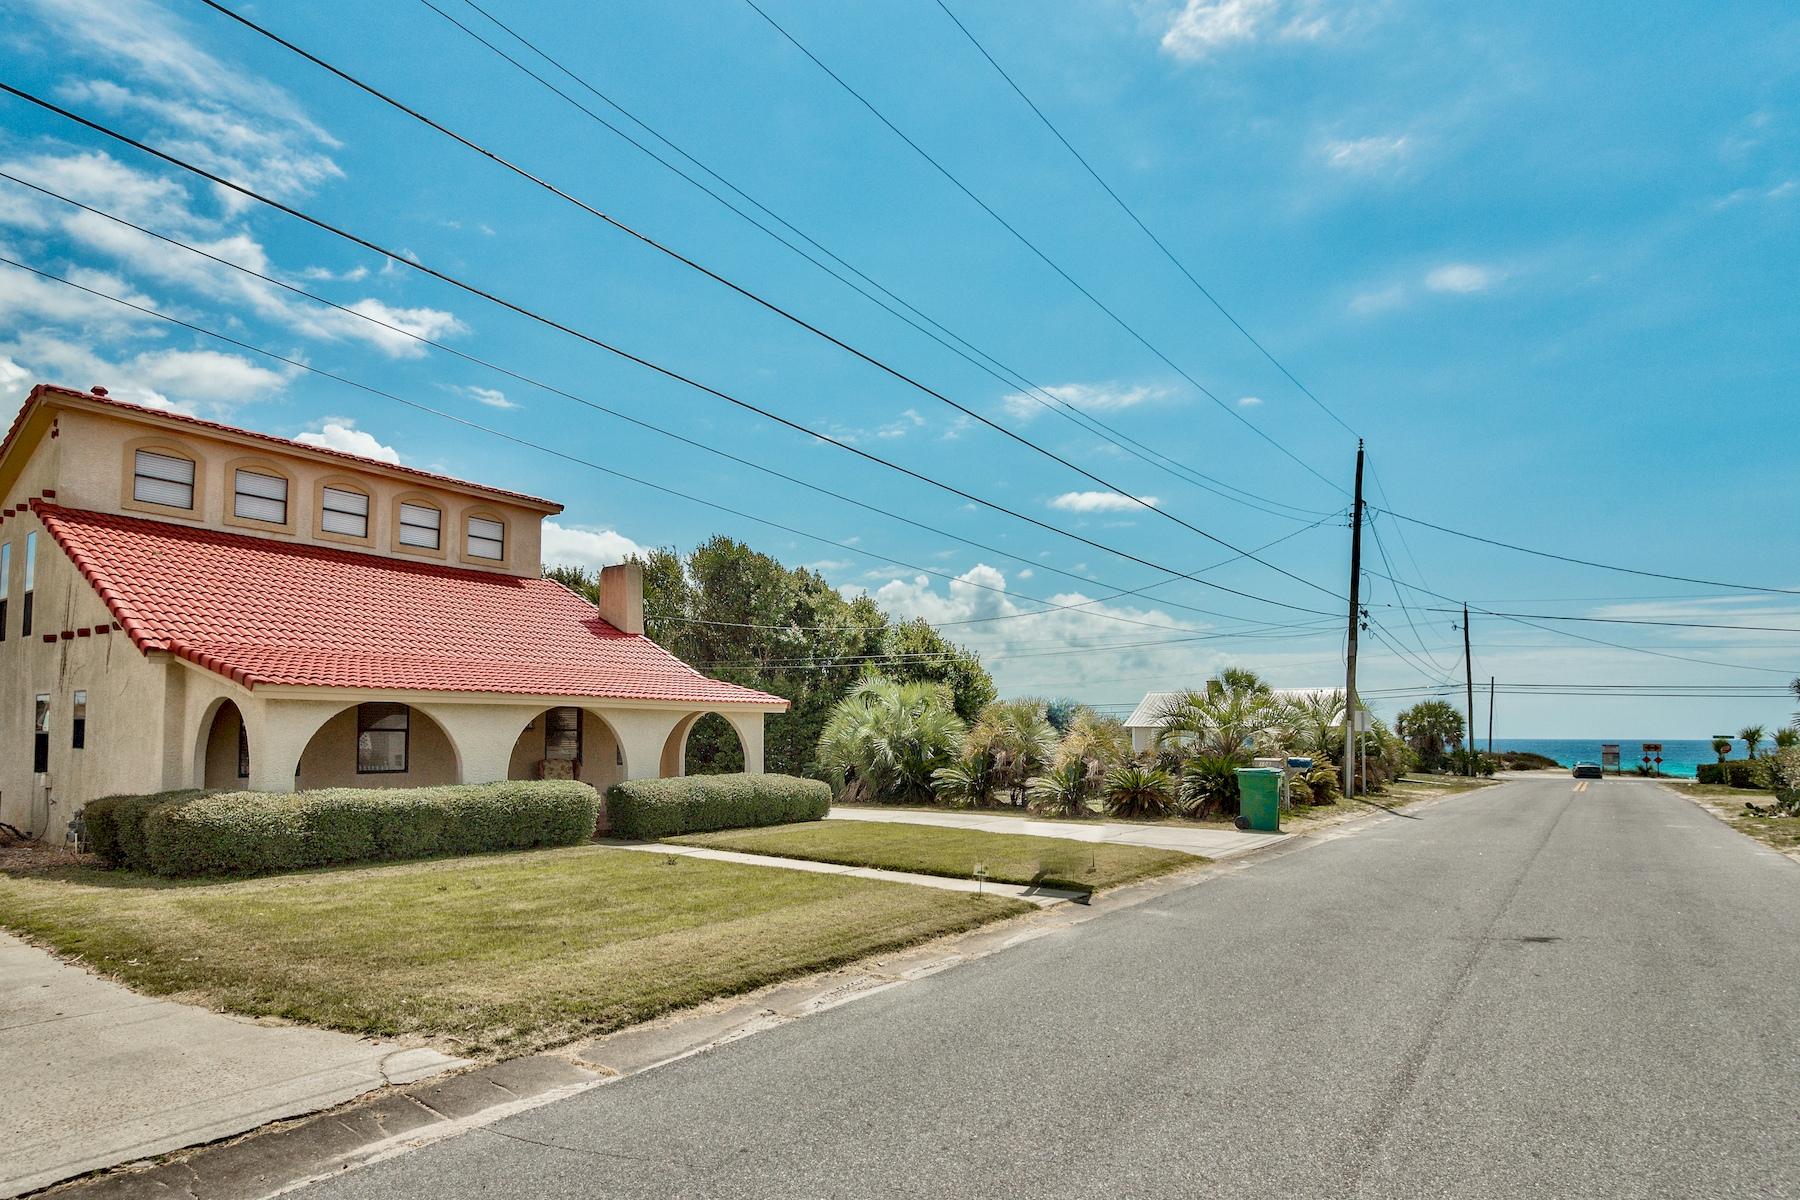 独户住宅 为 销售 在 Charming Florida Cottage with Gulf Views 108 Romanza Place, Laguna Beach, 巴拿马城海滩, 佛罗里达州, 32413 美国